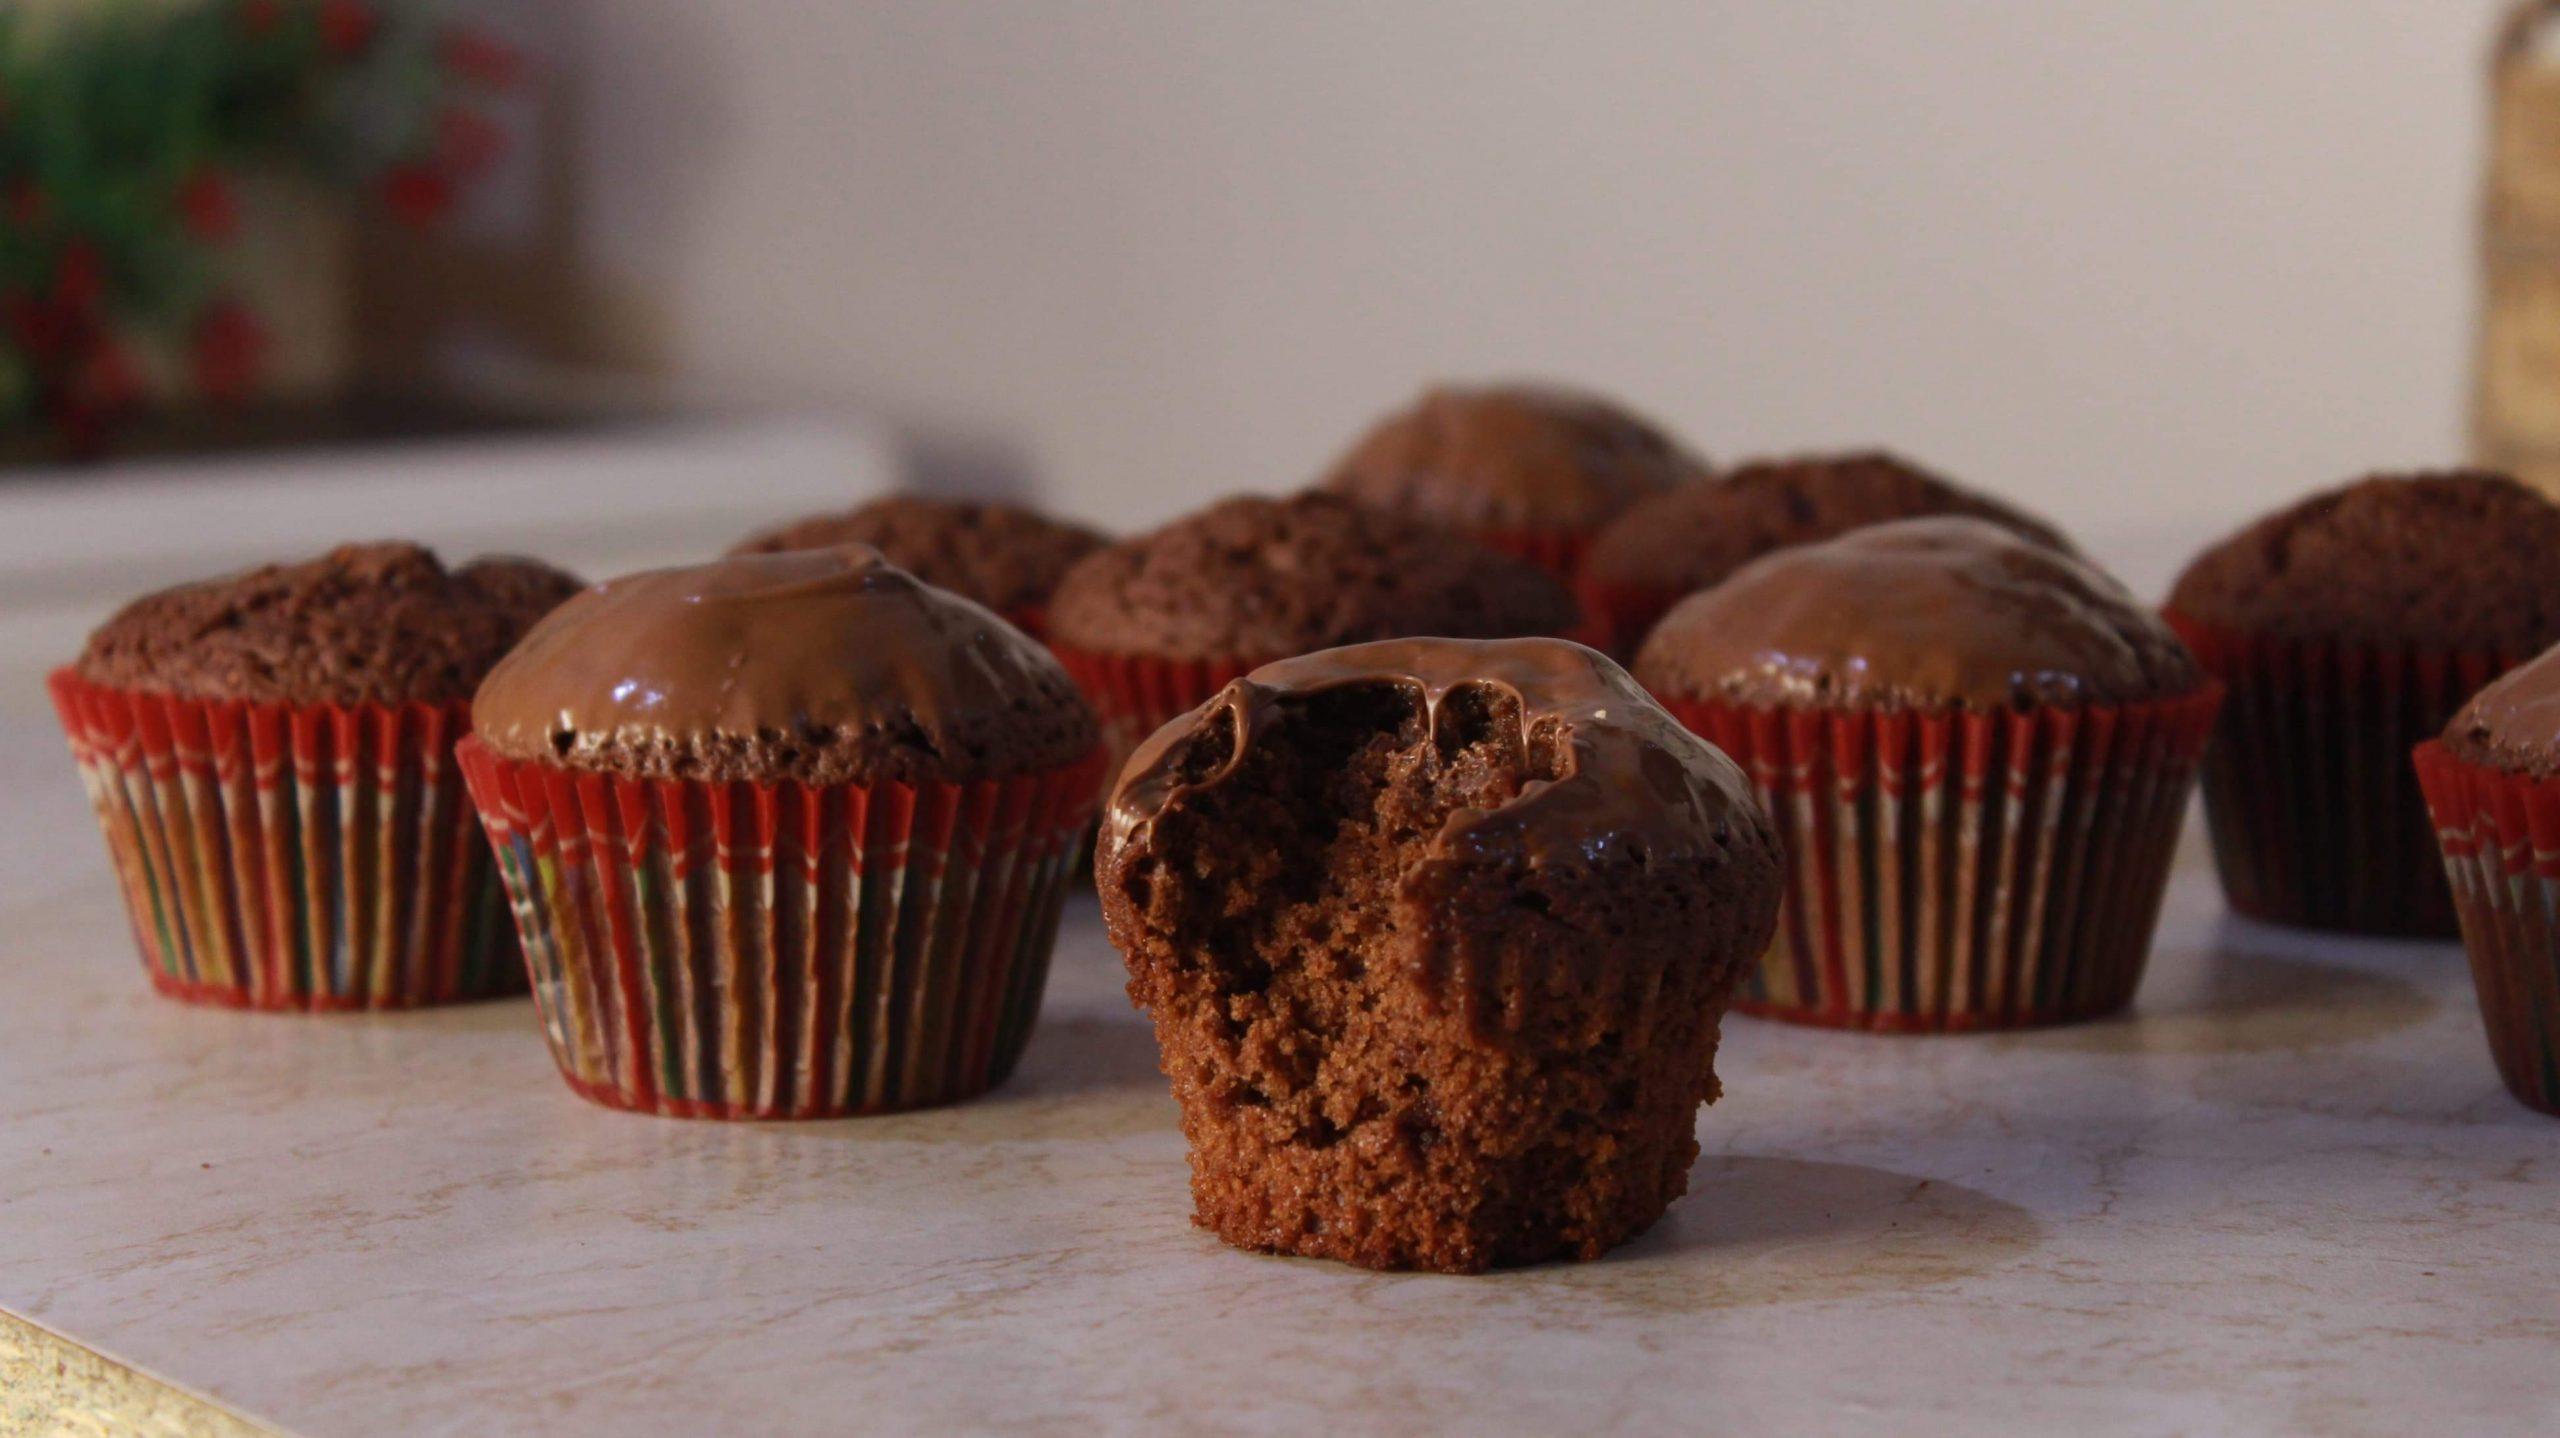 Πανεύκολα Κεκάκια με 3 Υλικά ΜΟΝΟ (ΧΩΡΙΣ ΜΙΞΕΡ) - 3 Ingredients Cupcakes